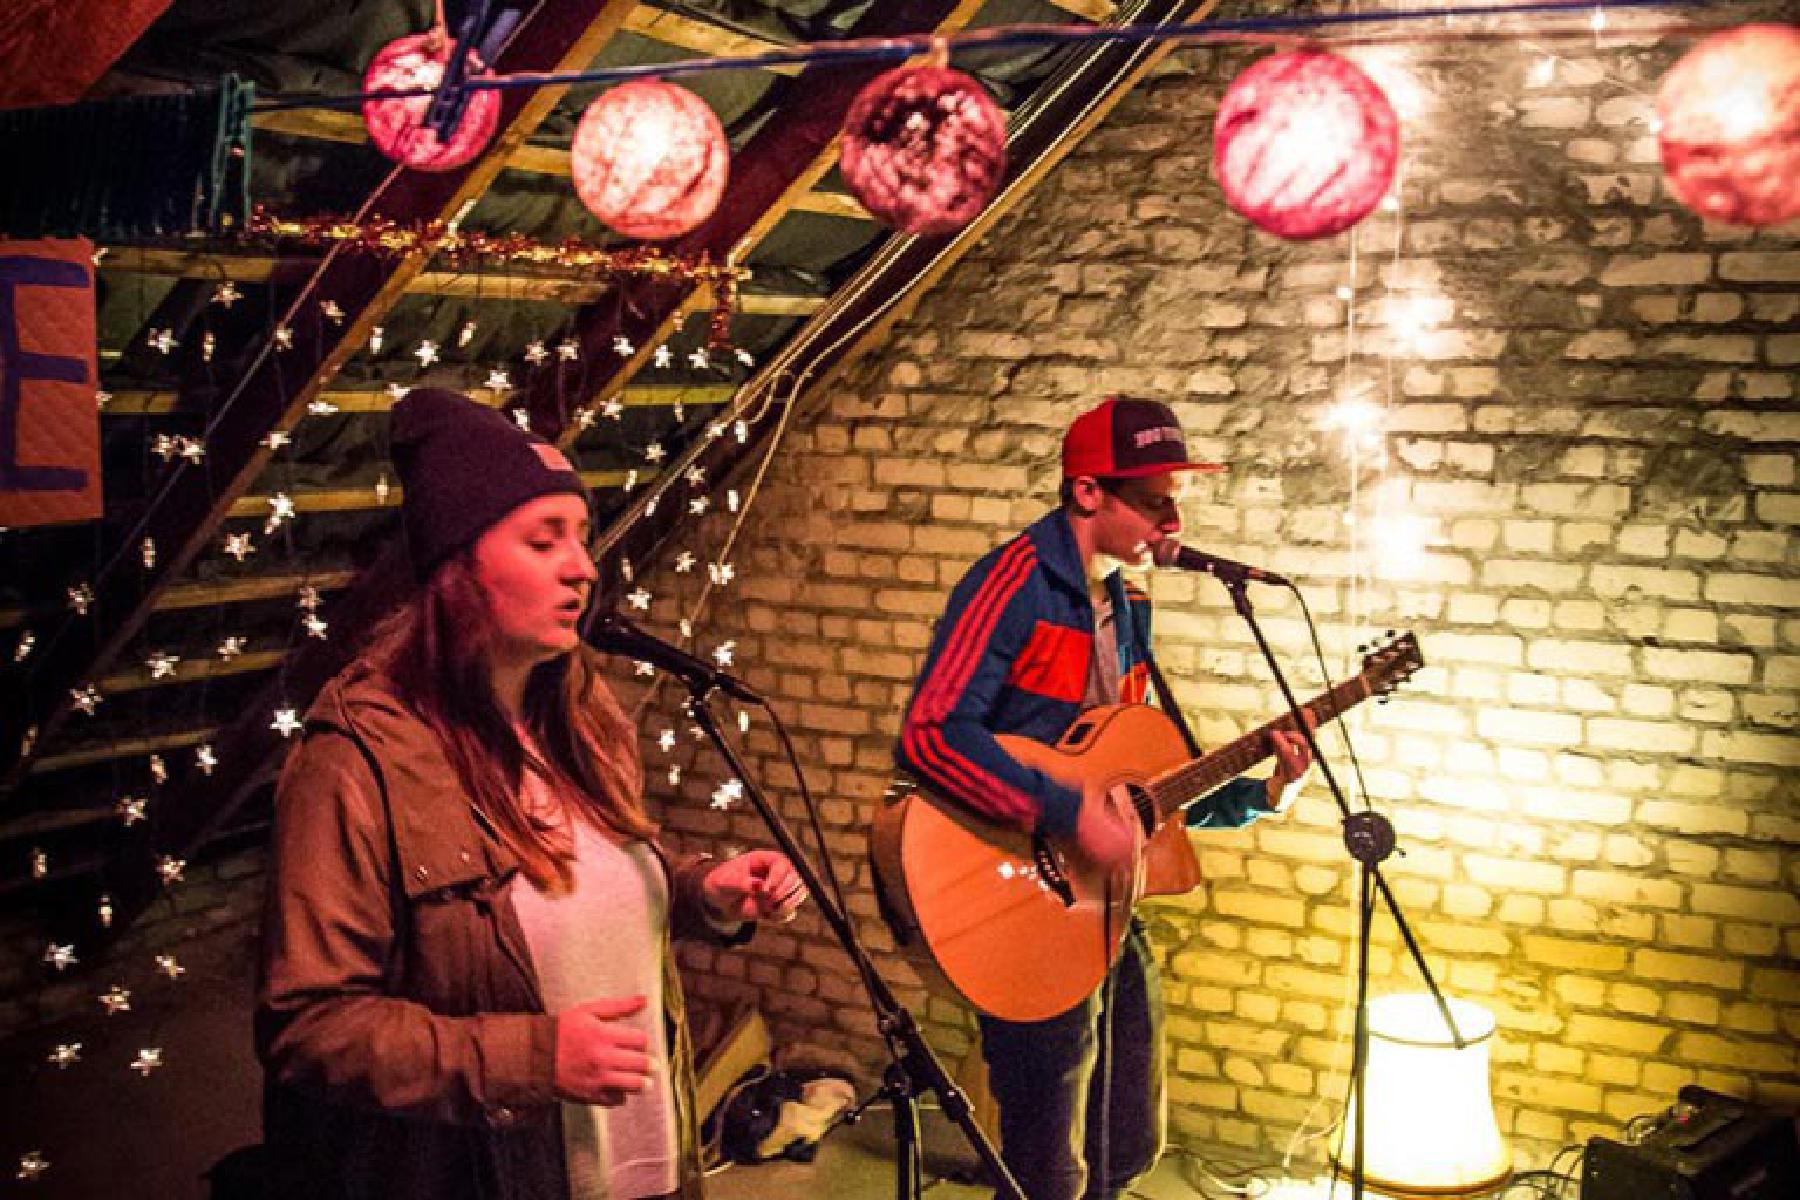 Band spielt Weihnachtskonzert auf Dachboden